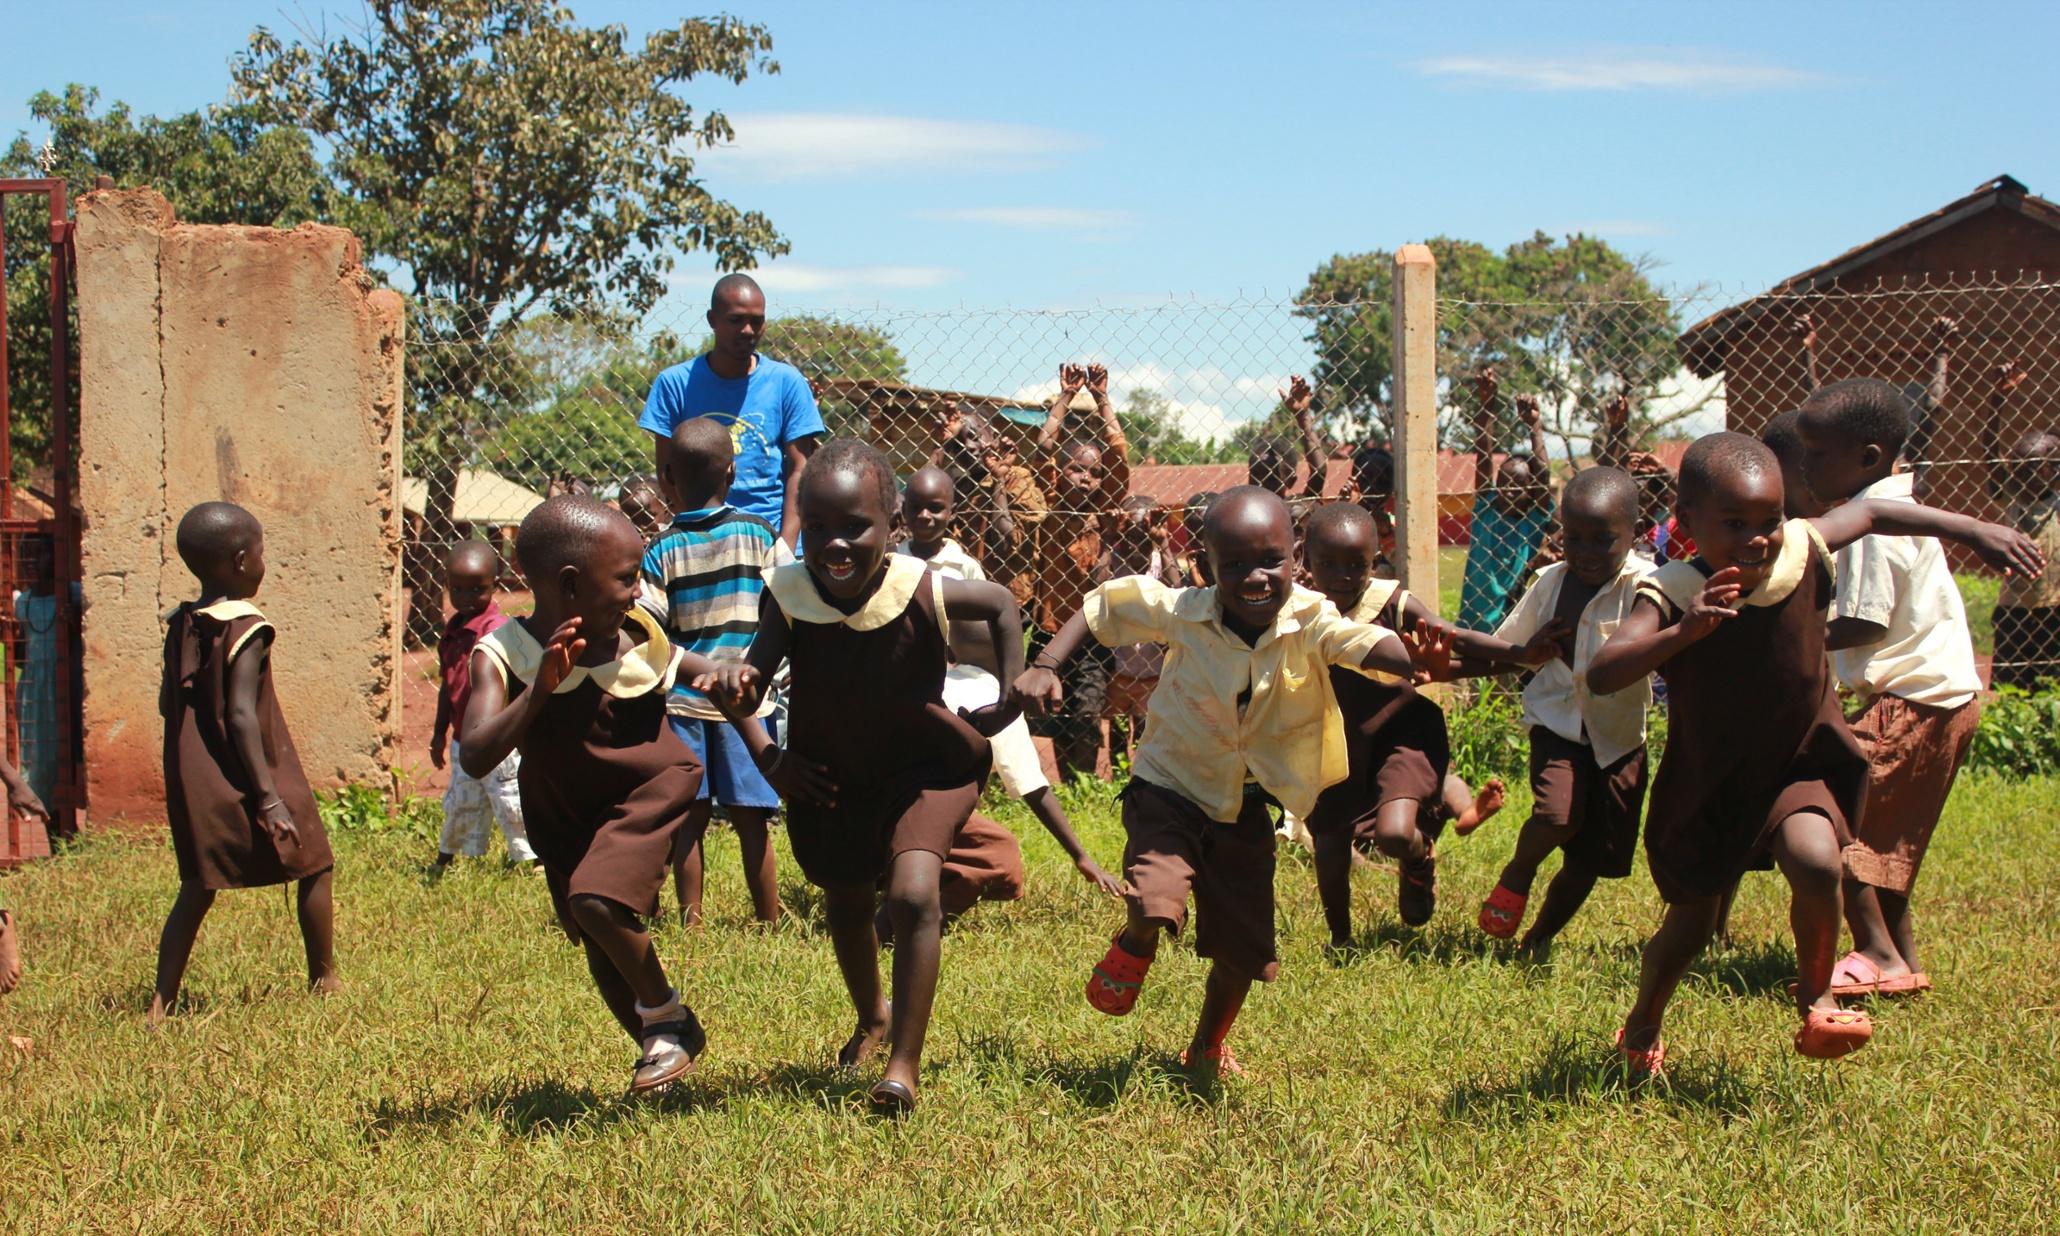 Uganda'da vahşetin sınırı yok: Seçimler için çocuk kurbanı